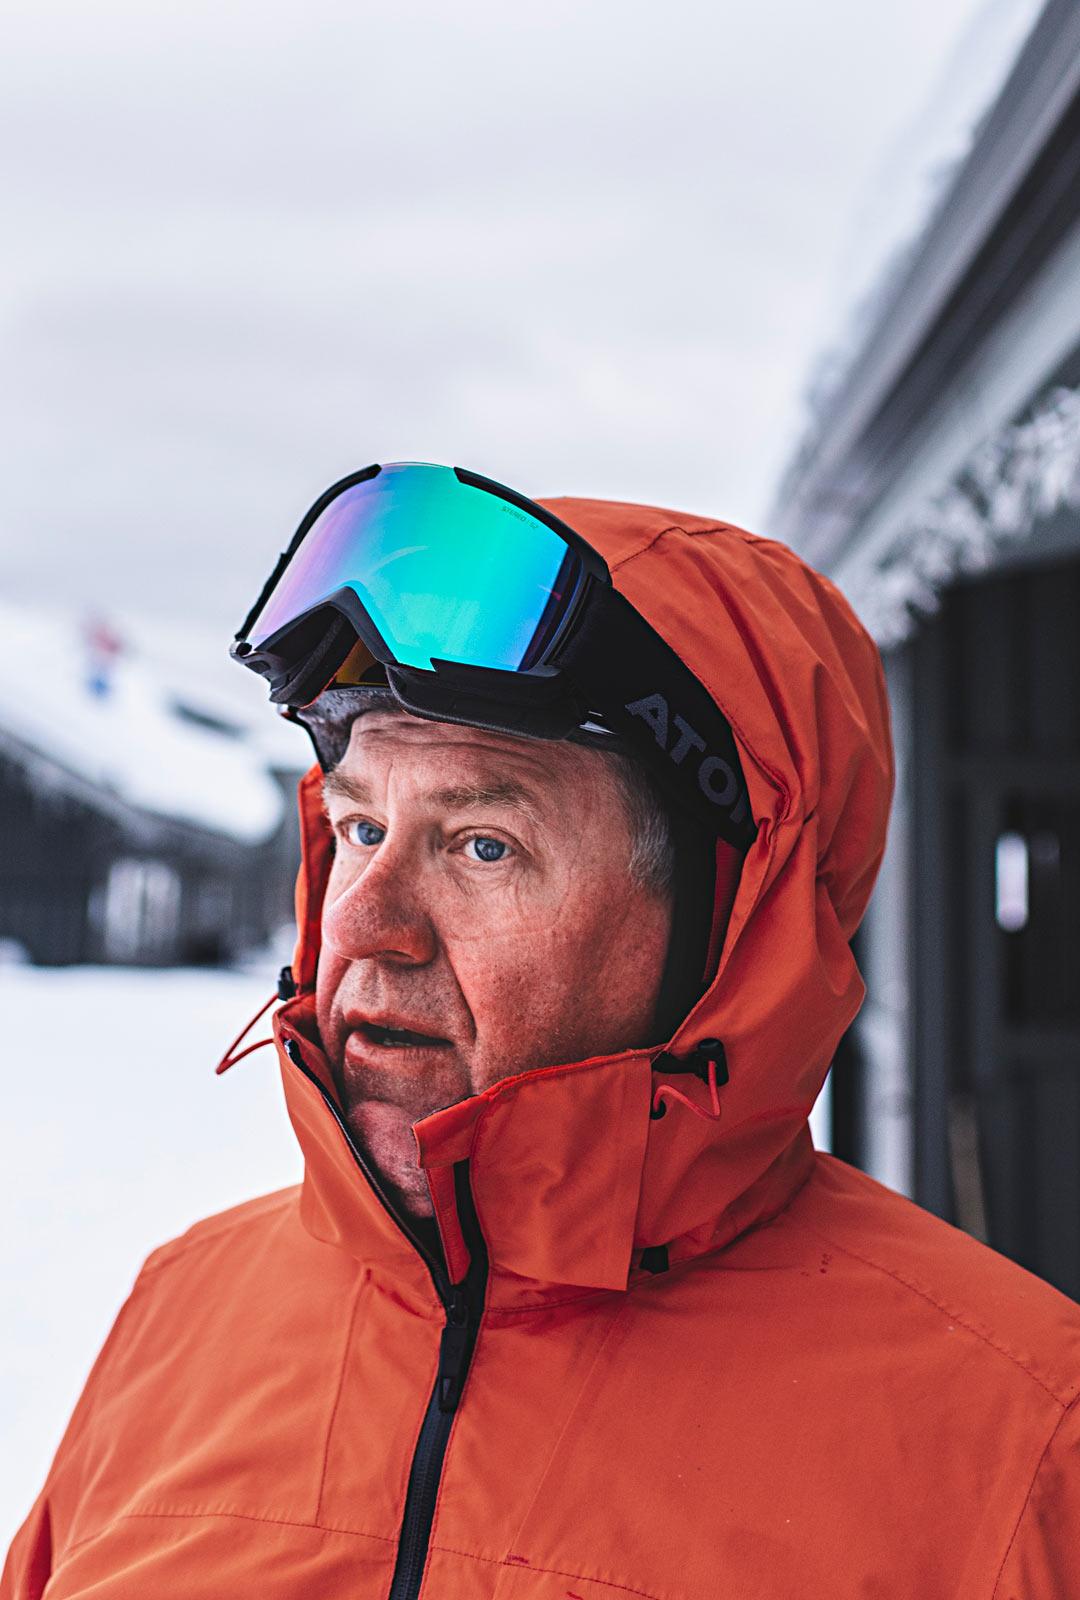 """Turkulainen Juhani Soini tuli Saariselälle lähinnä hiihtämään. Yksi päivä meni laskettelurinteessä. """"Tämä on paras mahdollinen paikka olla tällä hetkellä"""", hän sanoi ennen liikkumiskieltojen voimaantuloa."""